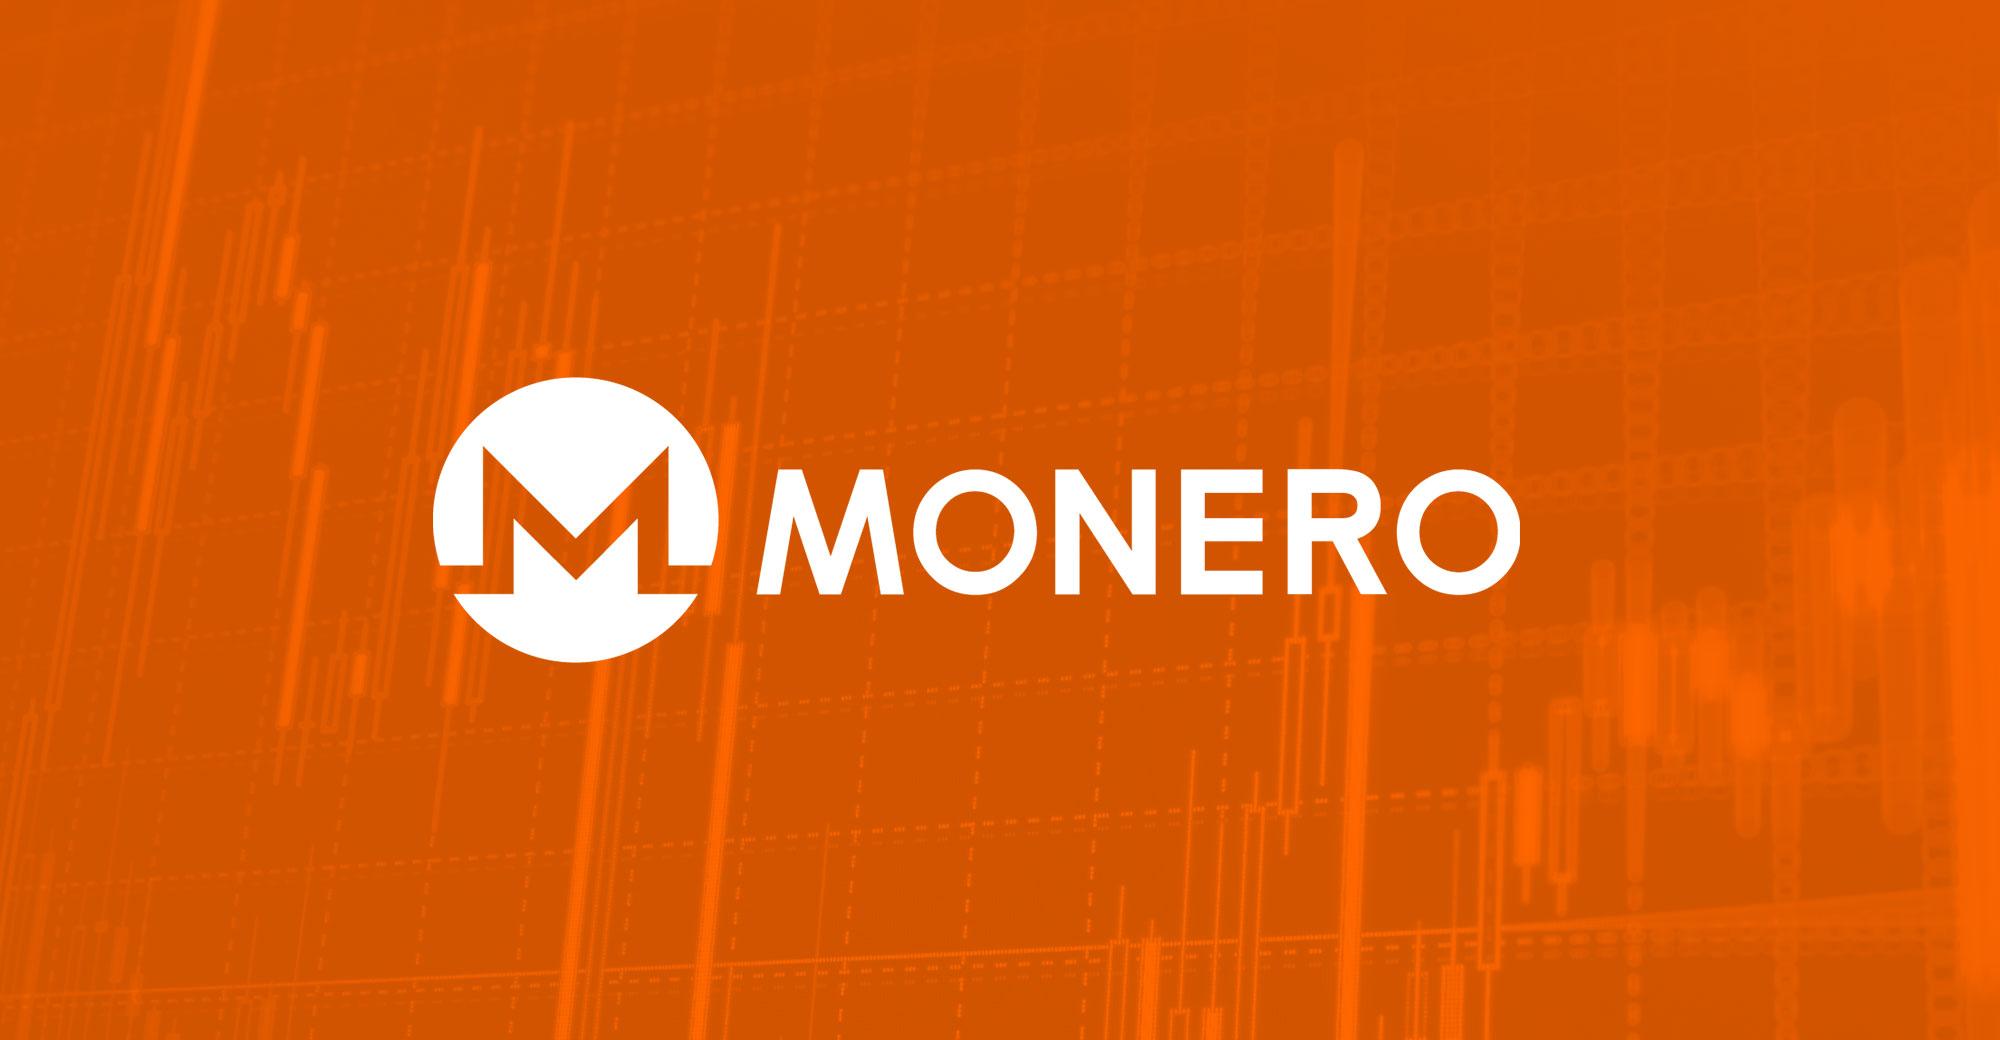 仮想通貨モネロ(Monero)